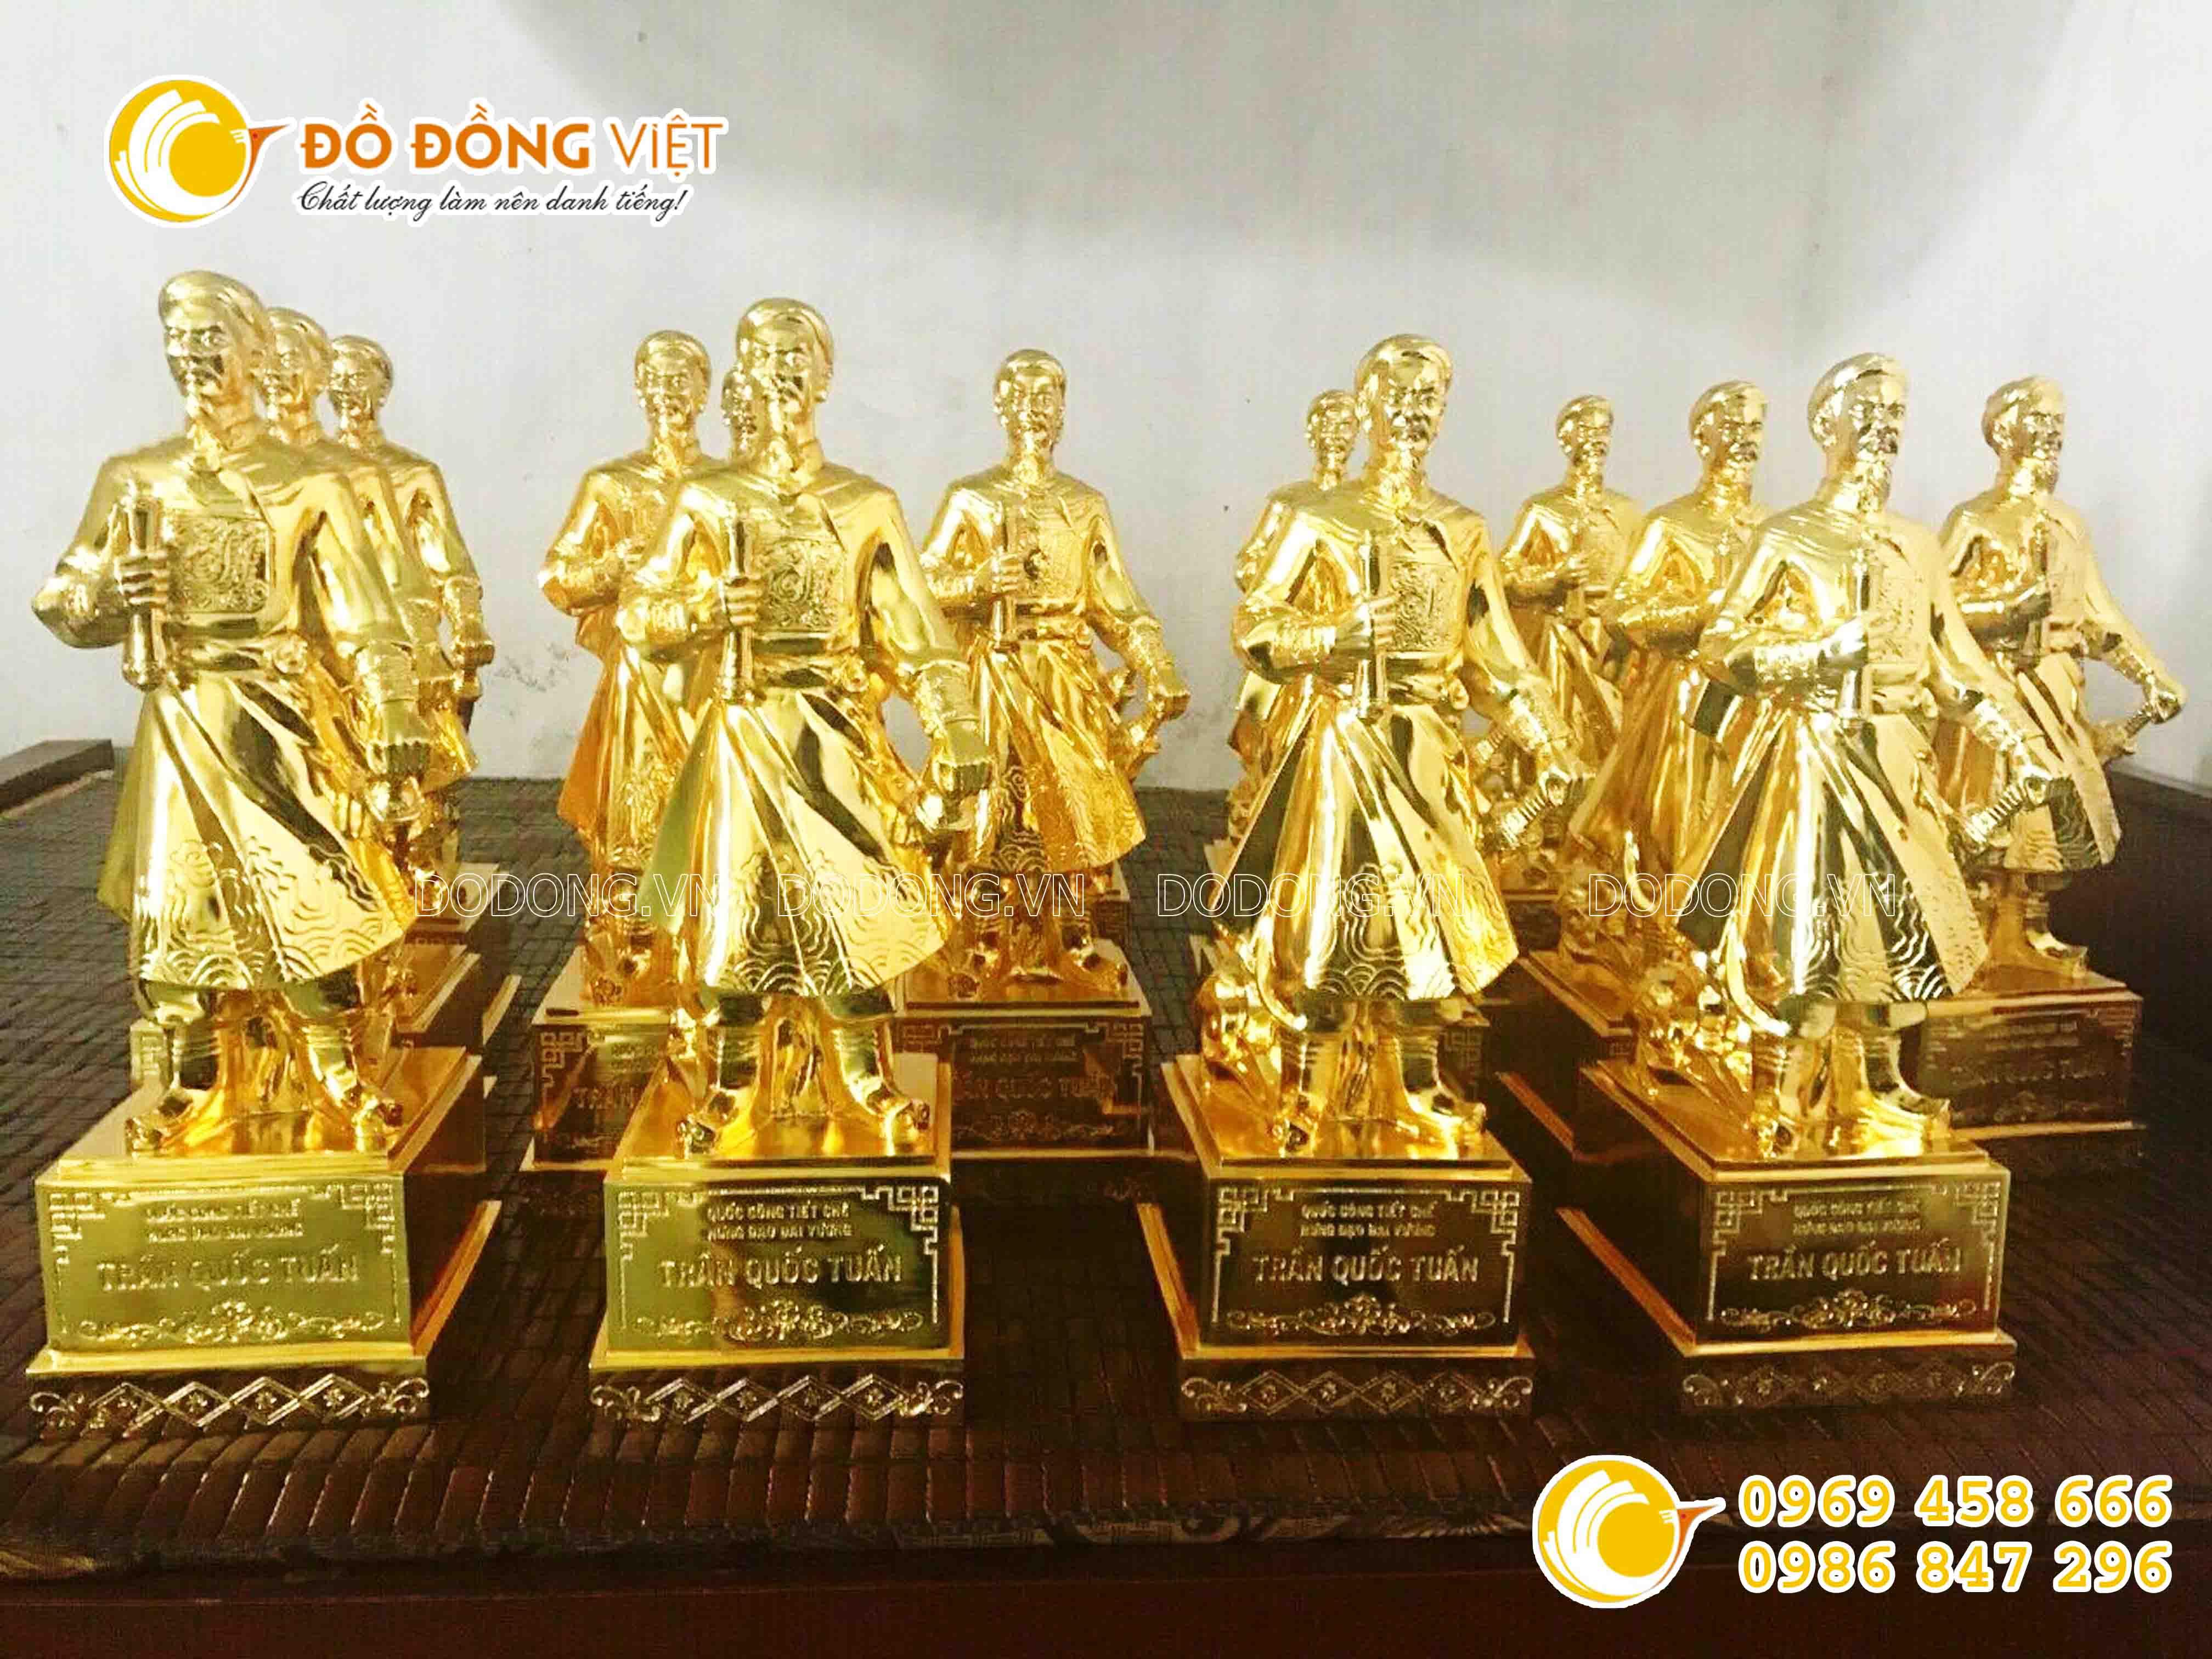 Tượng đồng Hưng Đạo Đại Vương mạ vàng 24K0